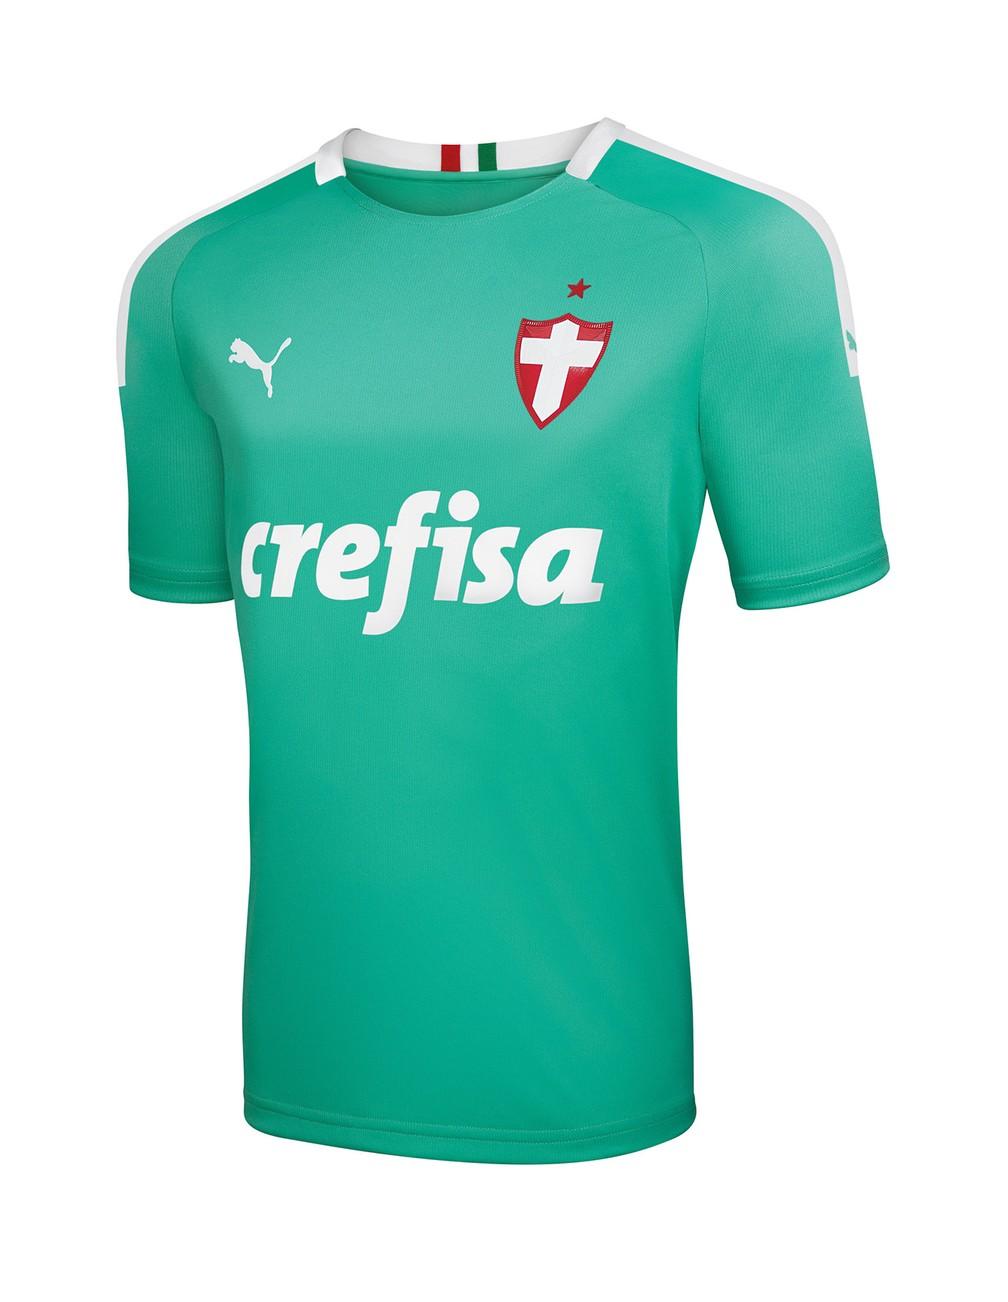 Modelo masculino da camisa do Palmeiras vai custar R$ 249,90 — Foto: Divulgação/Palmeiras